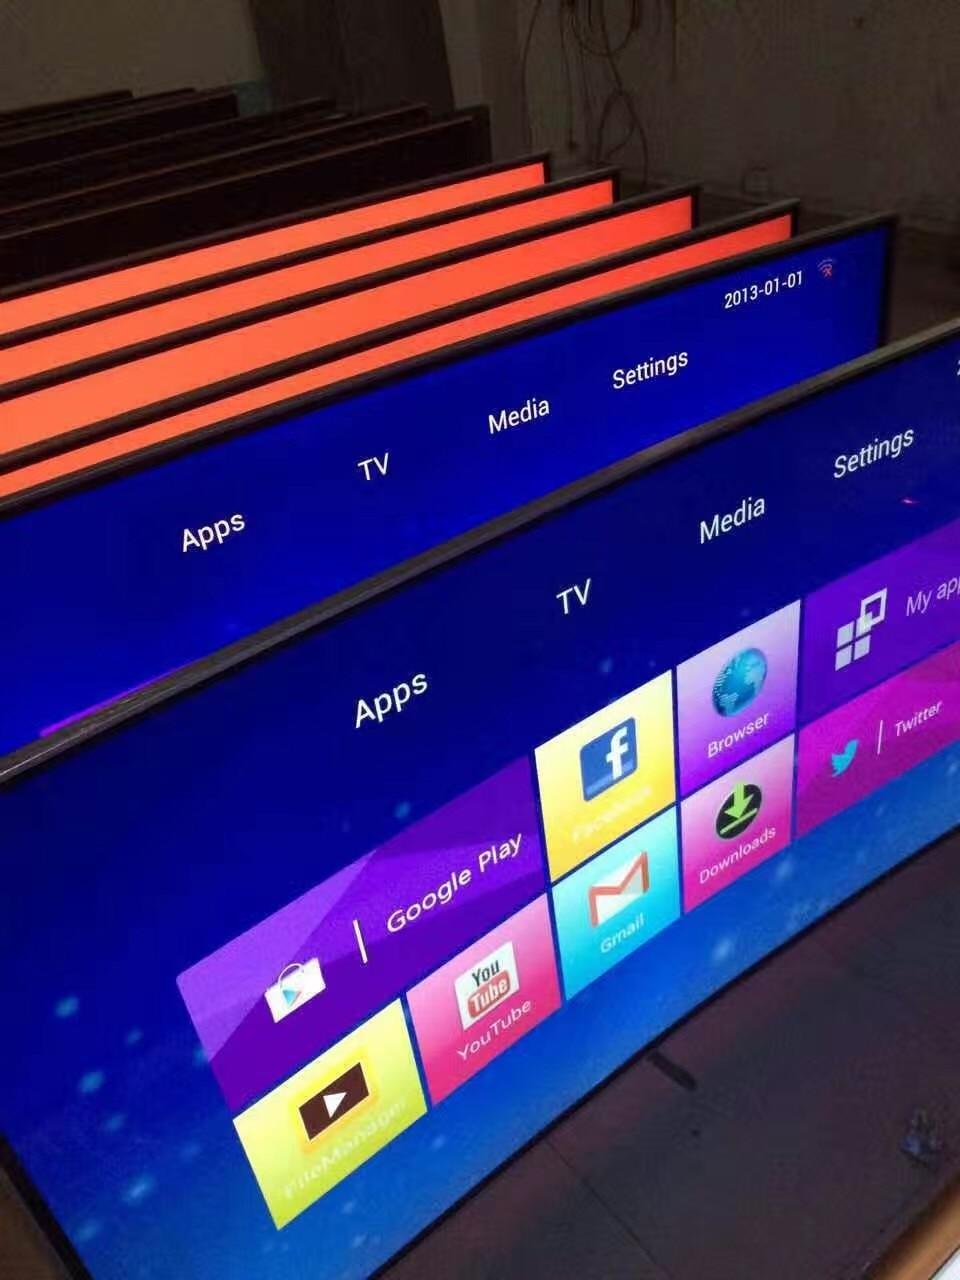 TV androïde adaptée aux besoins du client d'oem 32 40 46 50 55 60 65 70 télévision intelligente androïde de TV de LED d'affichage à cristaux liquides d'internet de wifi/lan